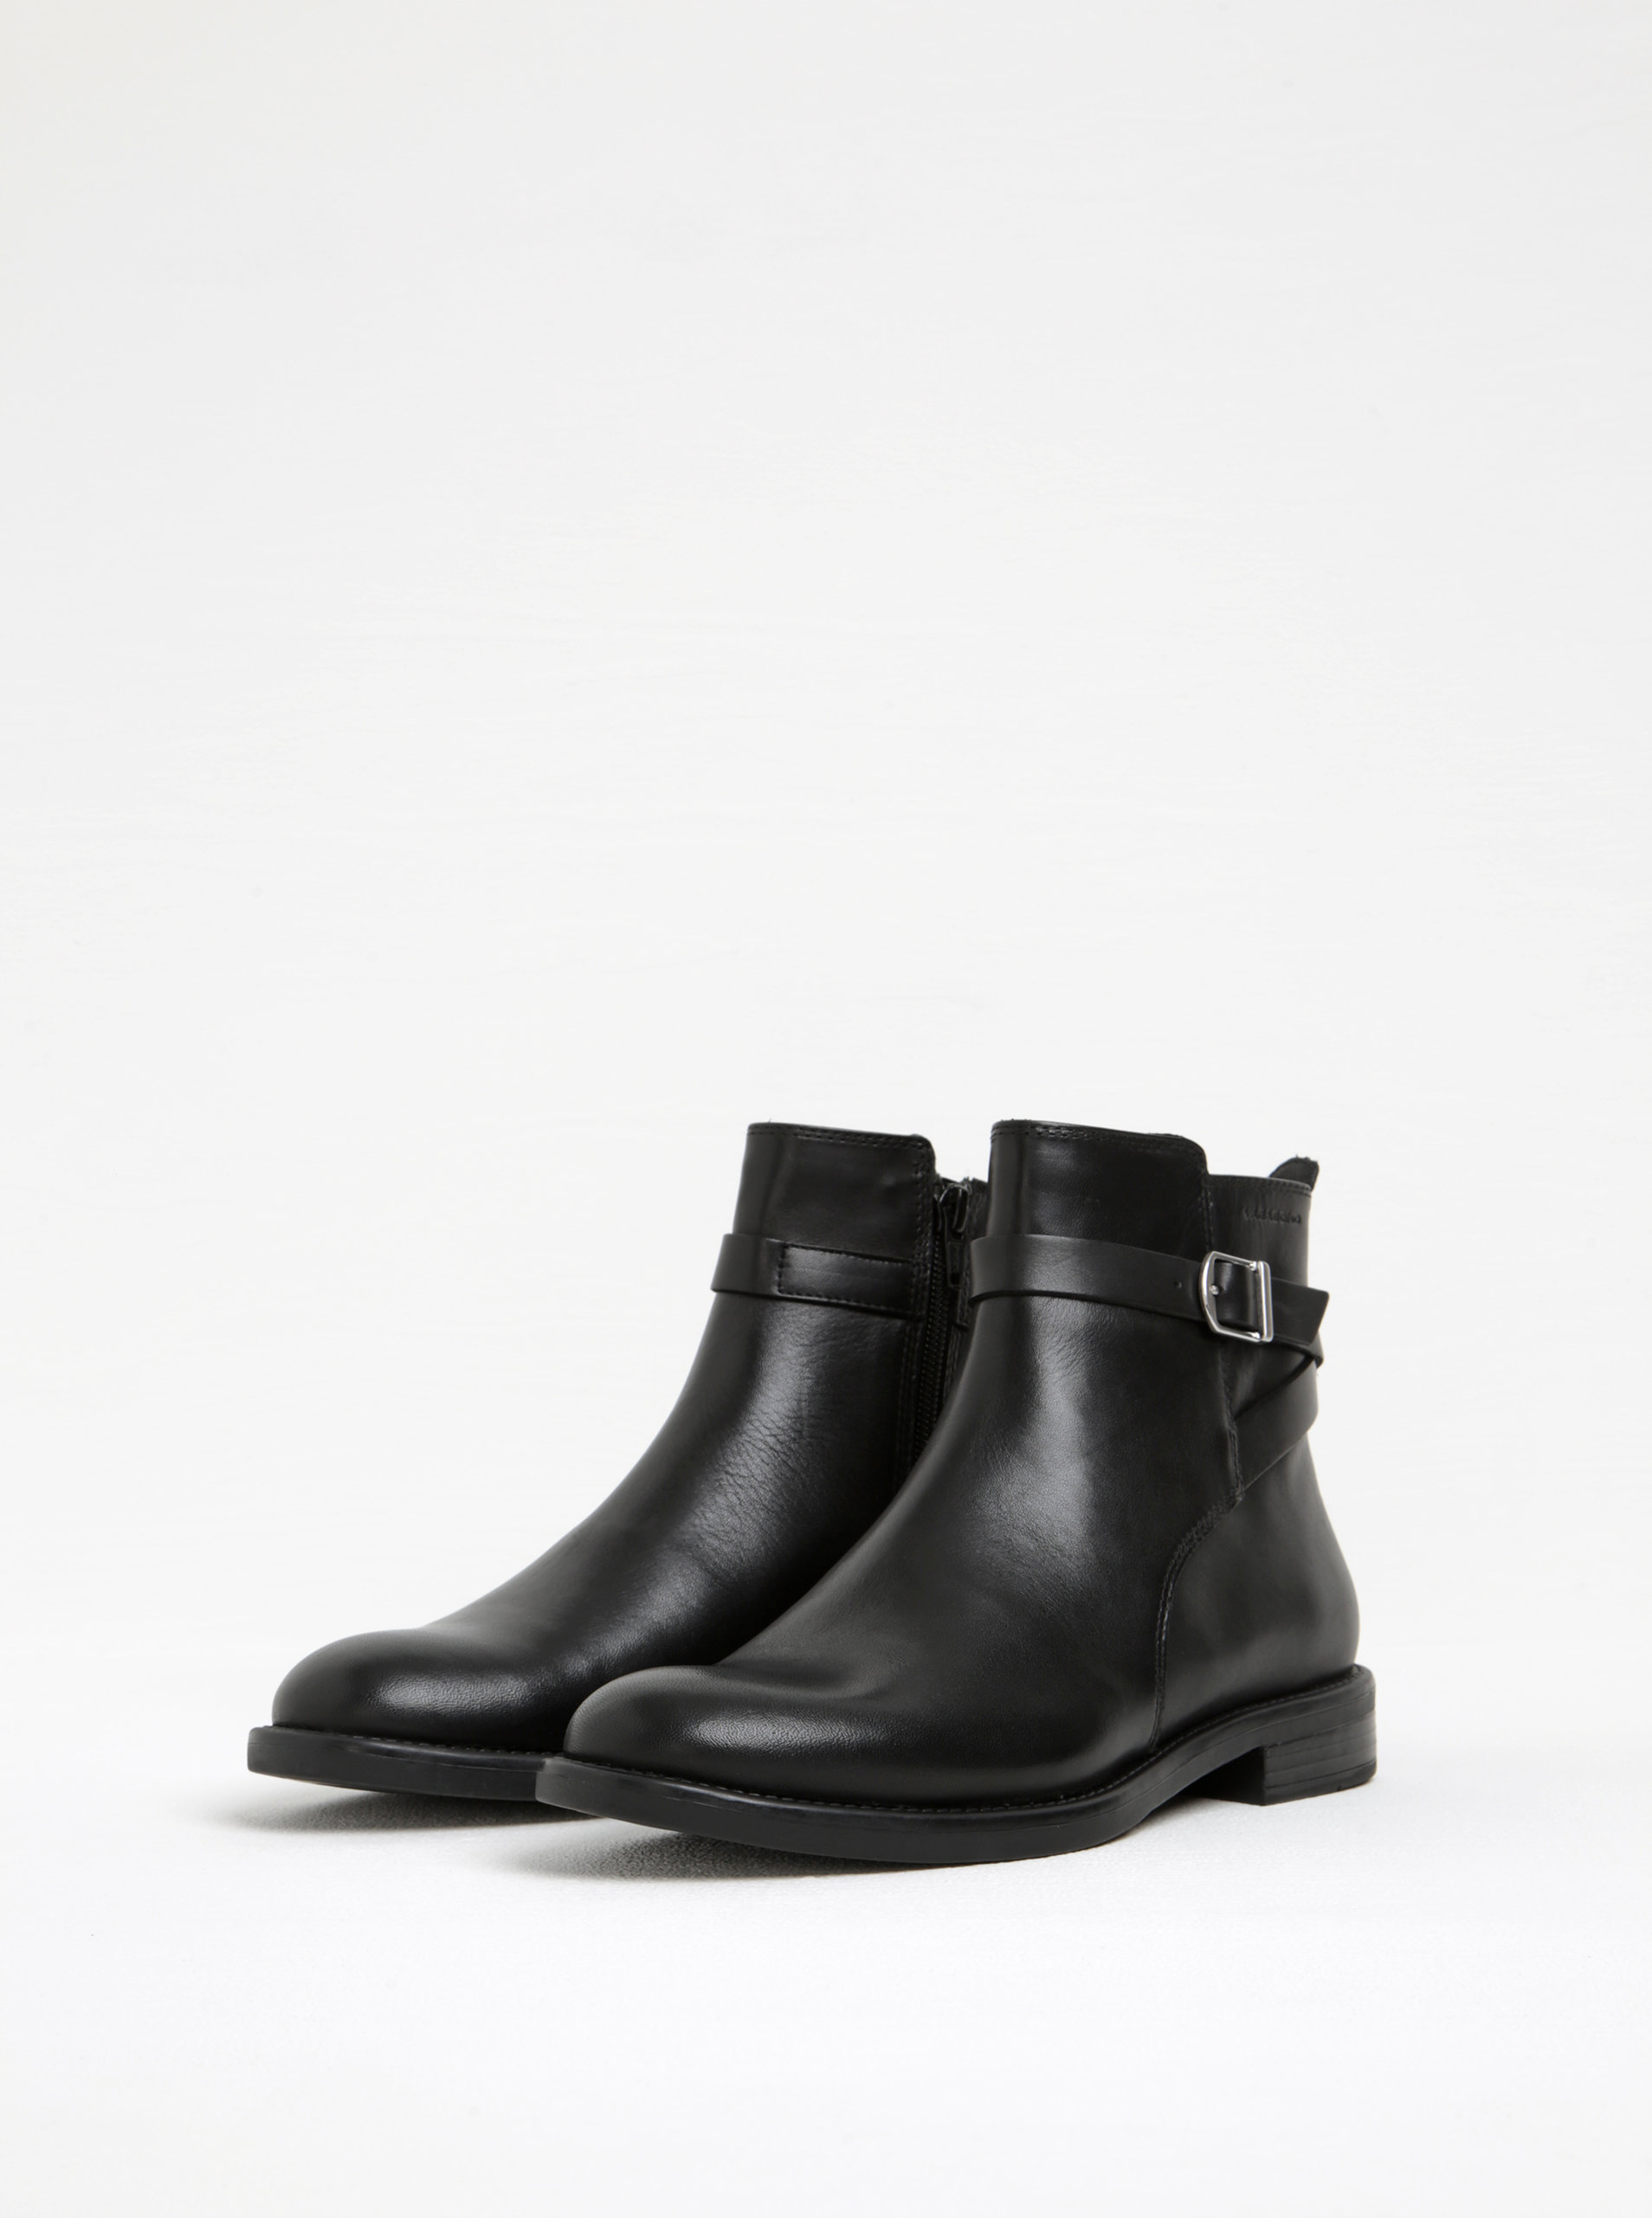 Čierne dámske kožené členkové topánky s prackou Vagabond Amina ... d783a8ca93b